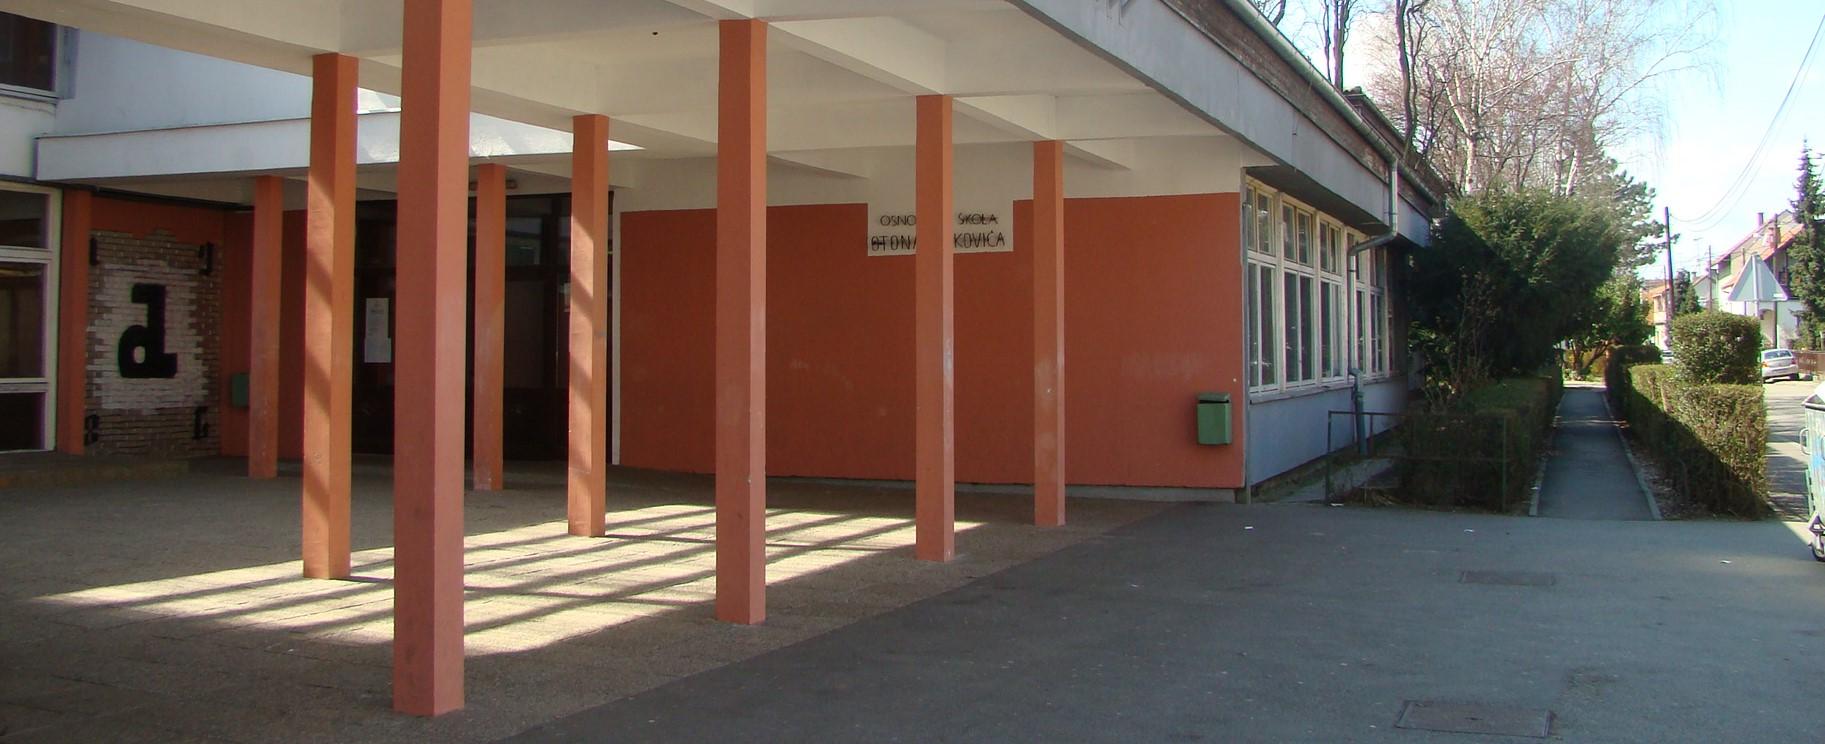 Osnovna Skola Otona Ivekovica Zagreb Vijesti